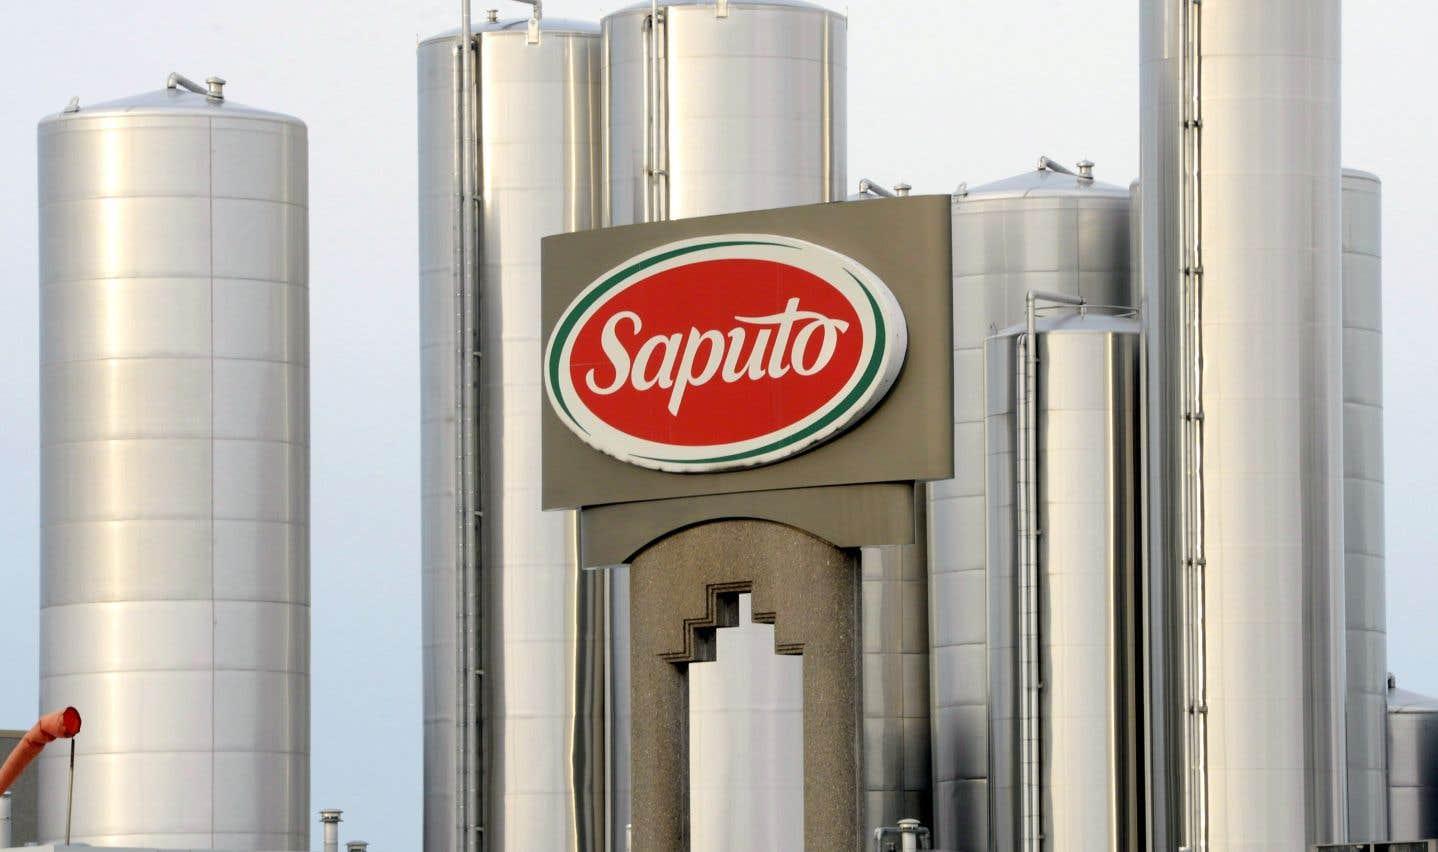 Agroalimentaire: Saputo a l'oeil sur un gros joueur du marché australien